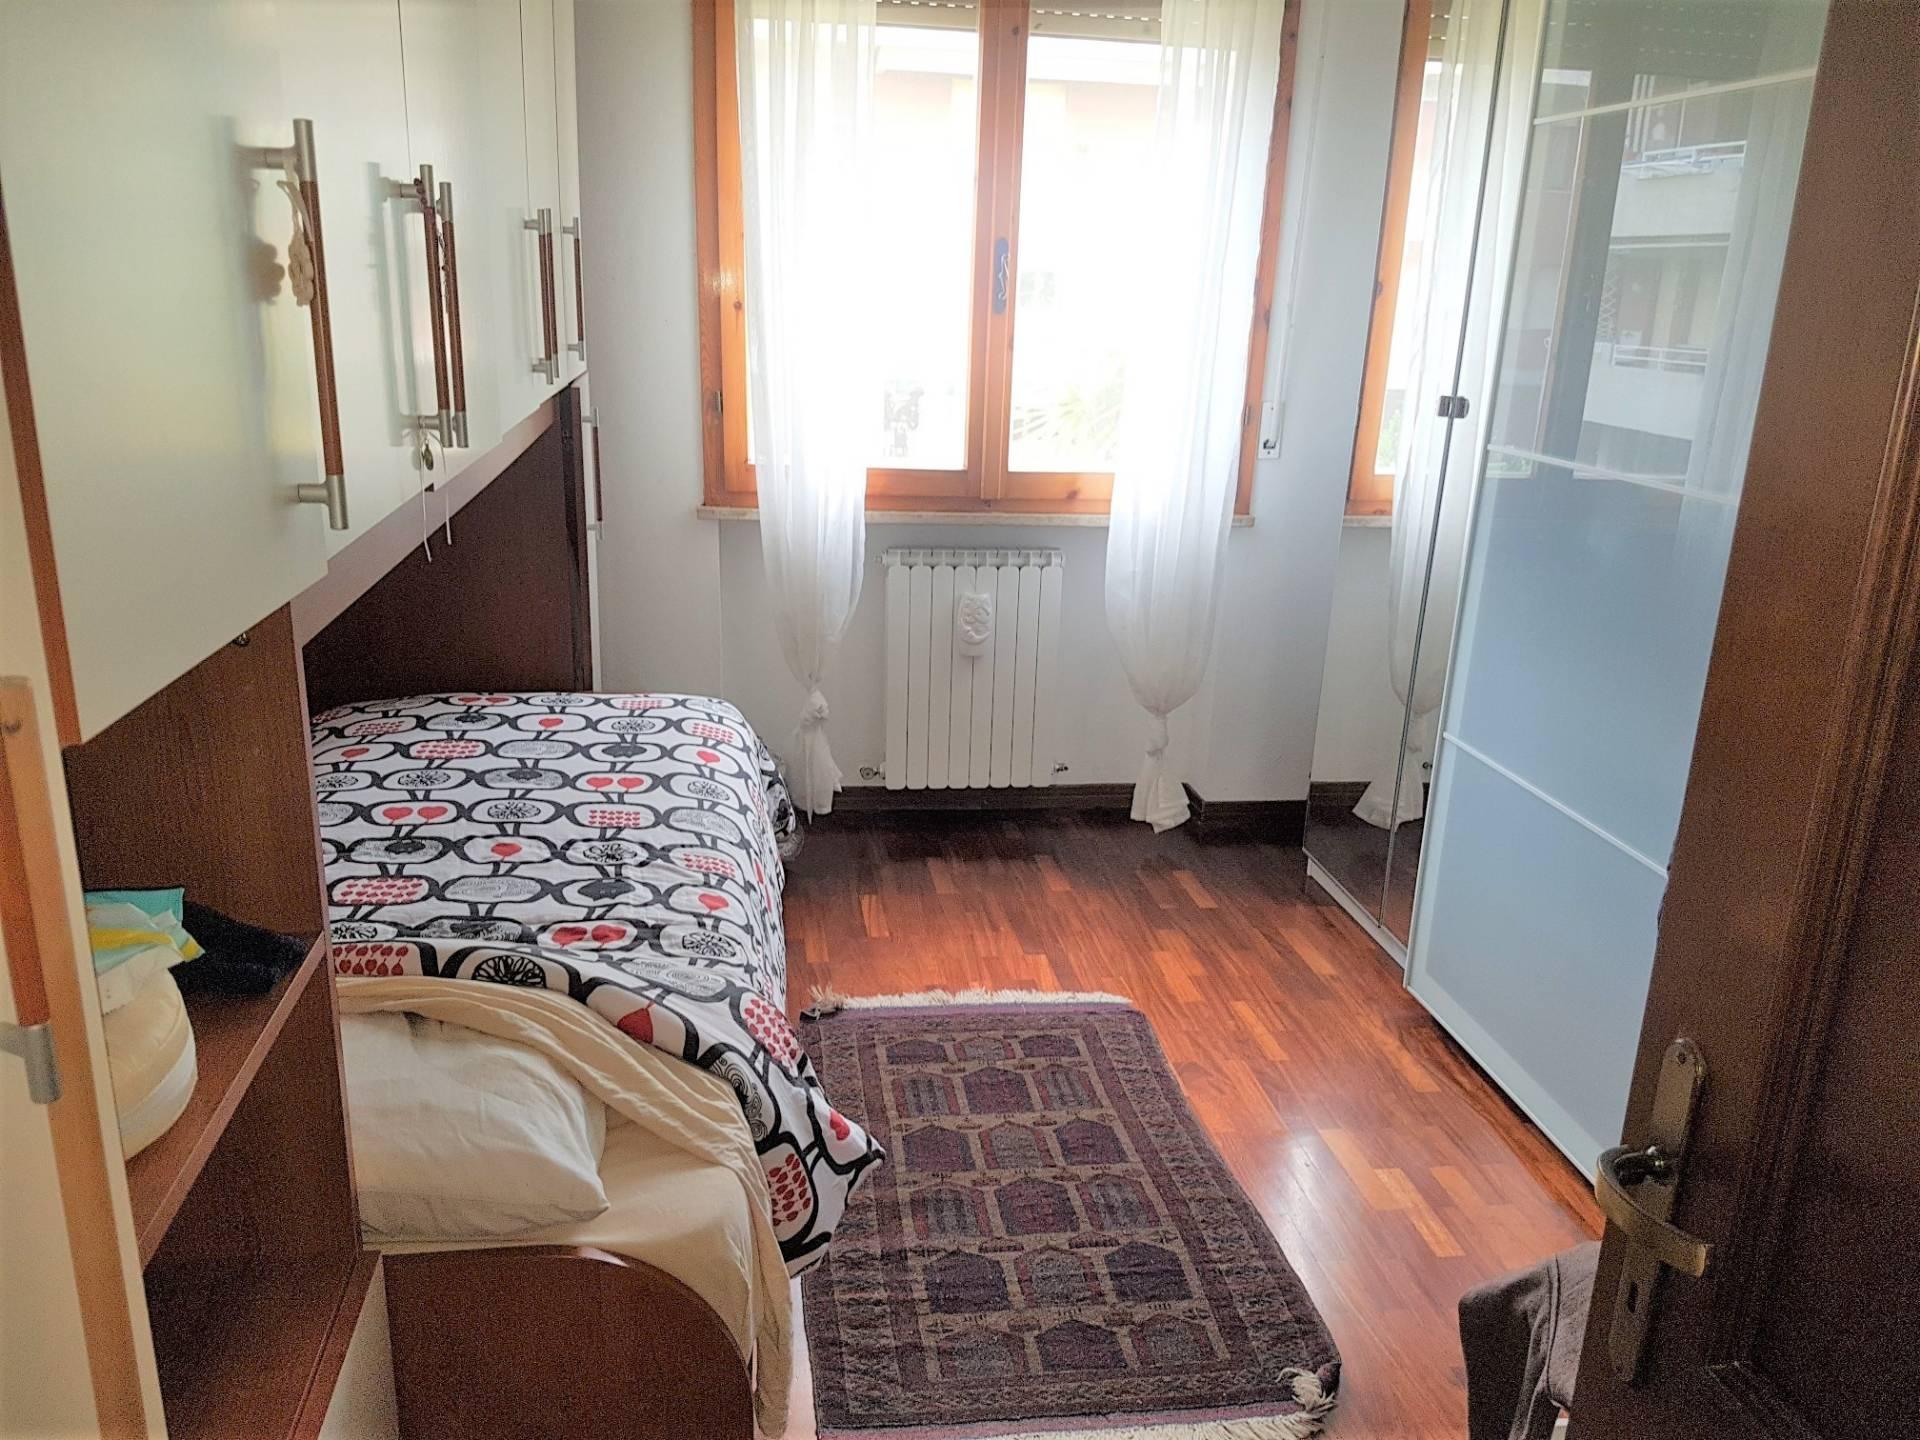 Appartamento in vendita, rif. 2234B